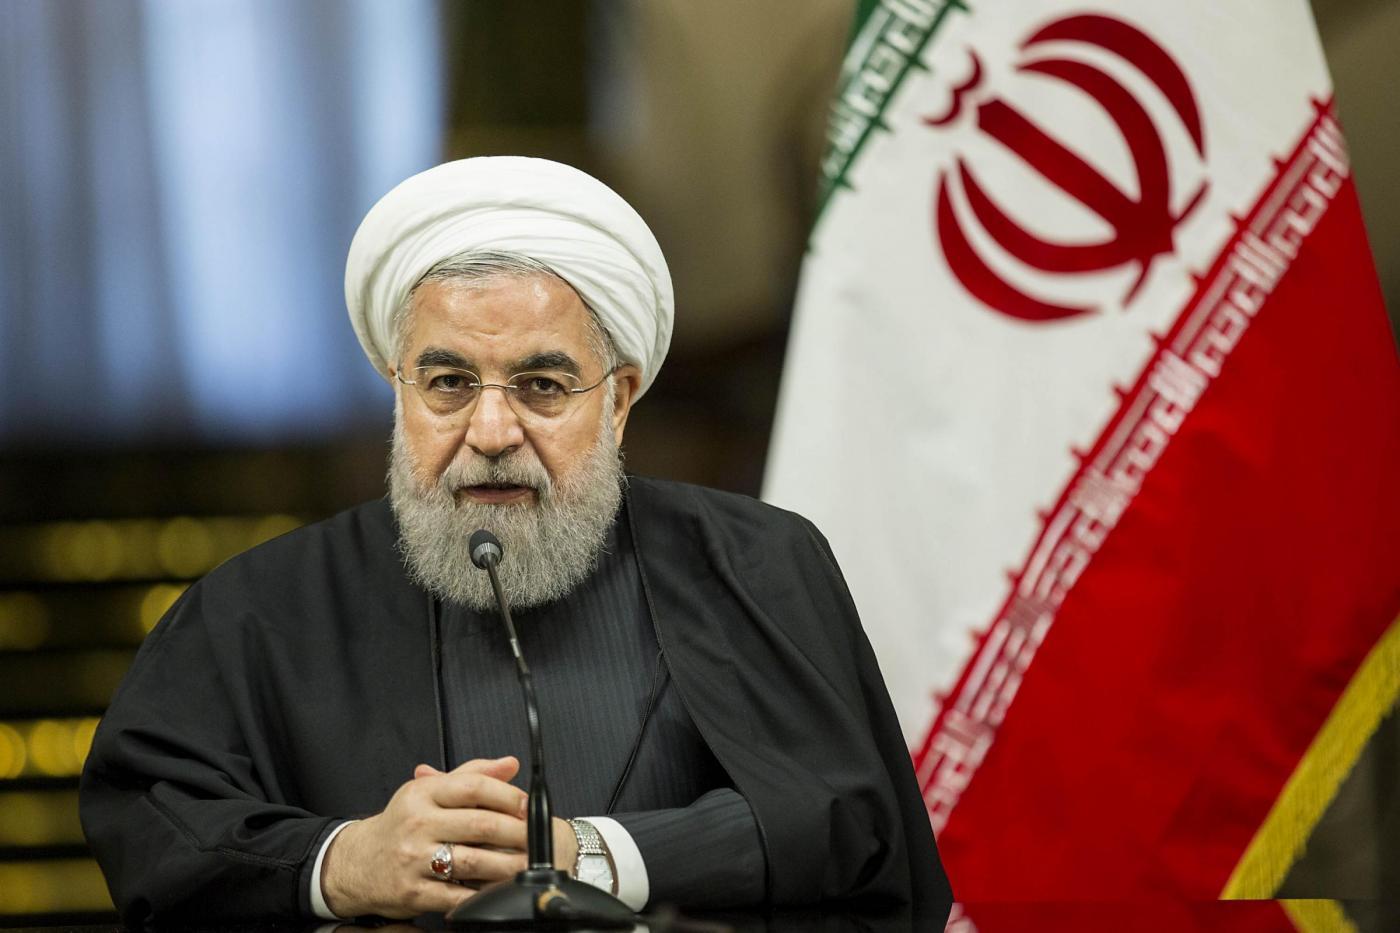 L'Iran ricorda la rivoluzione: